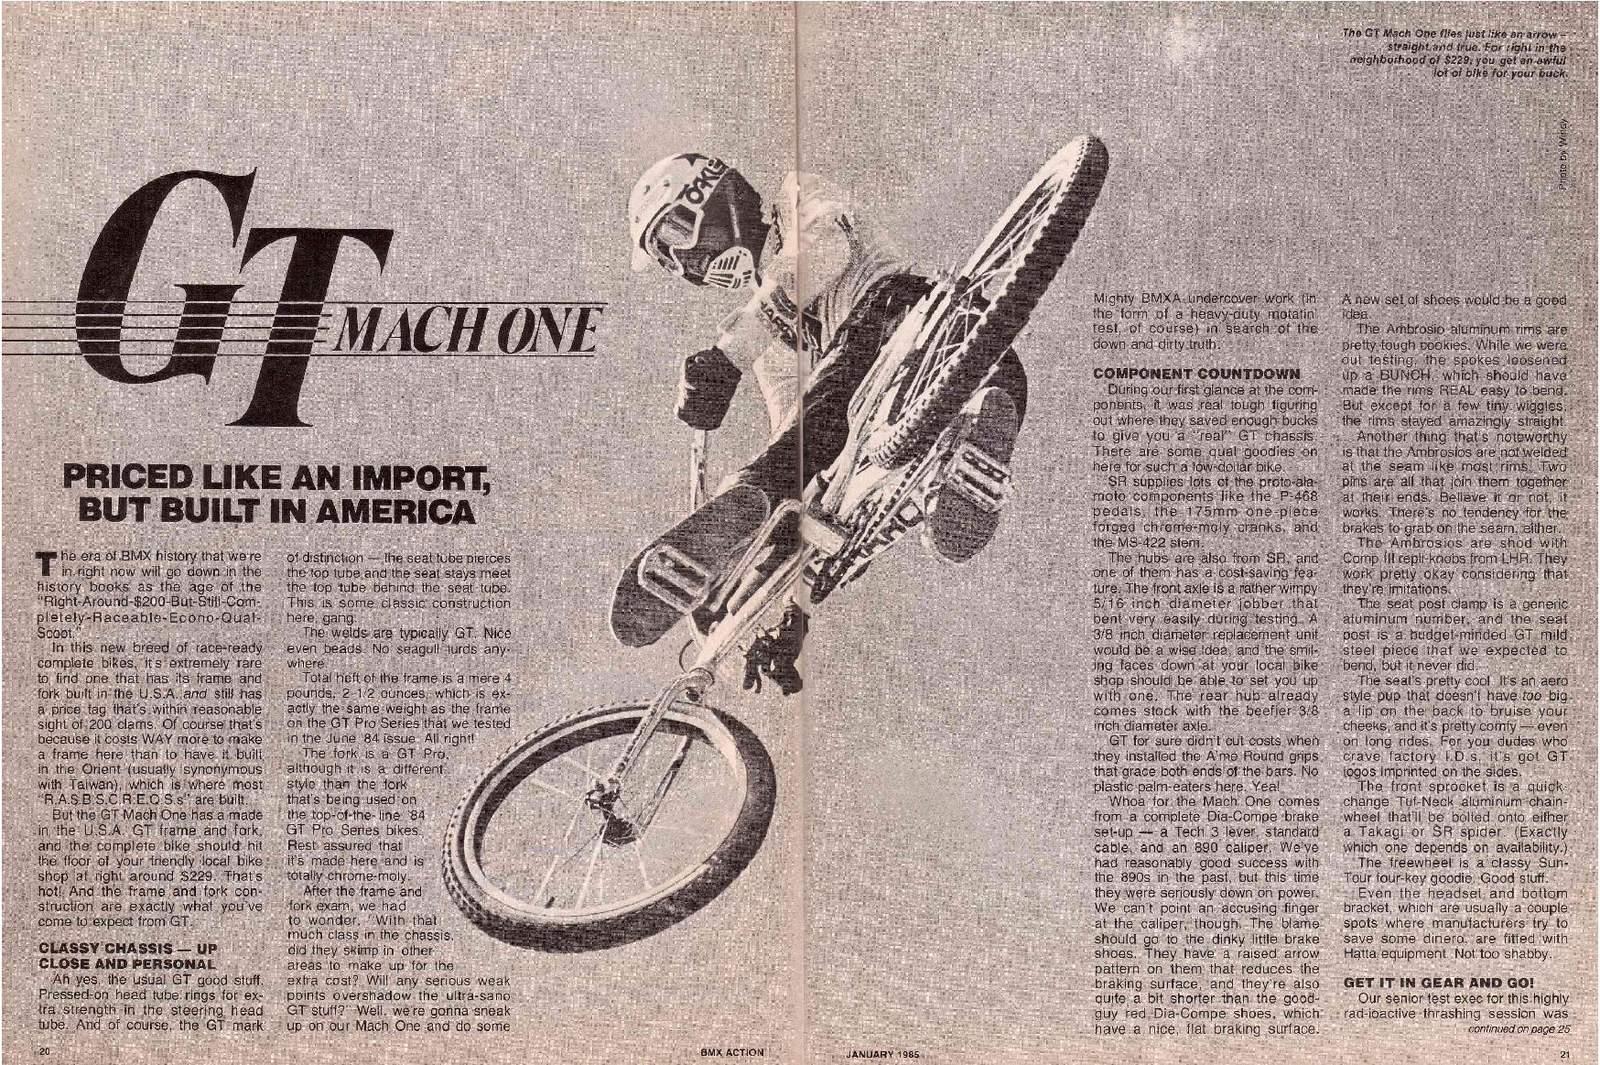 http://uploads.bmxmuseum.com/user-images/45231/1985-gt-mach-one---ad---a-page-0015994e4b903.jpg